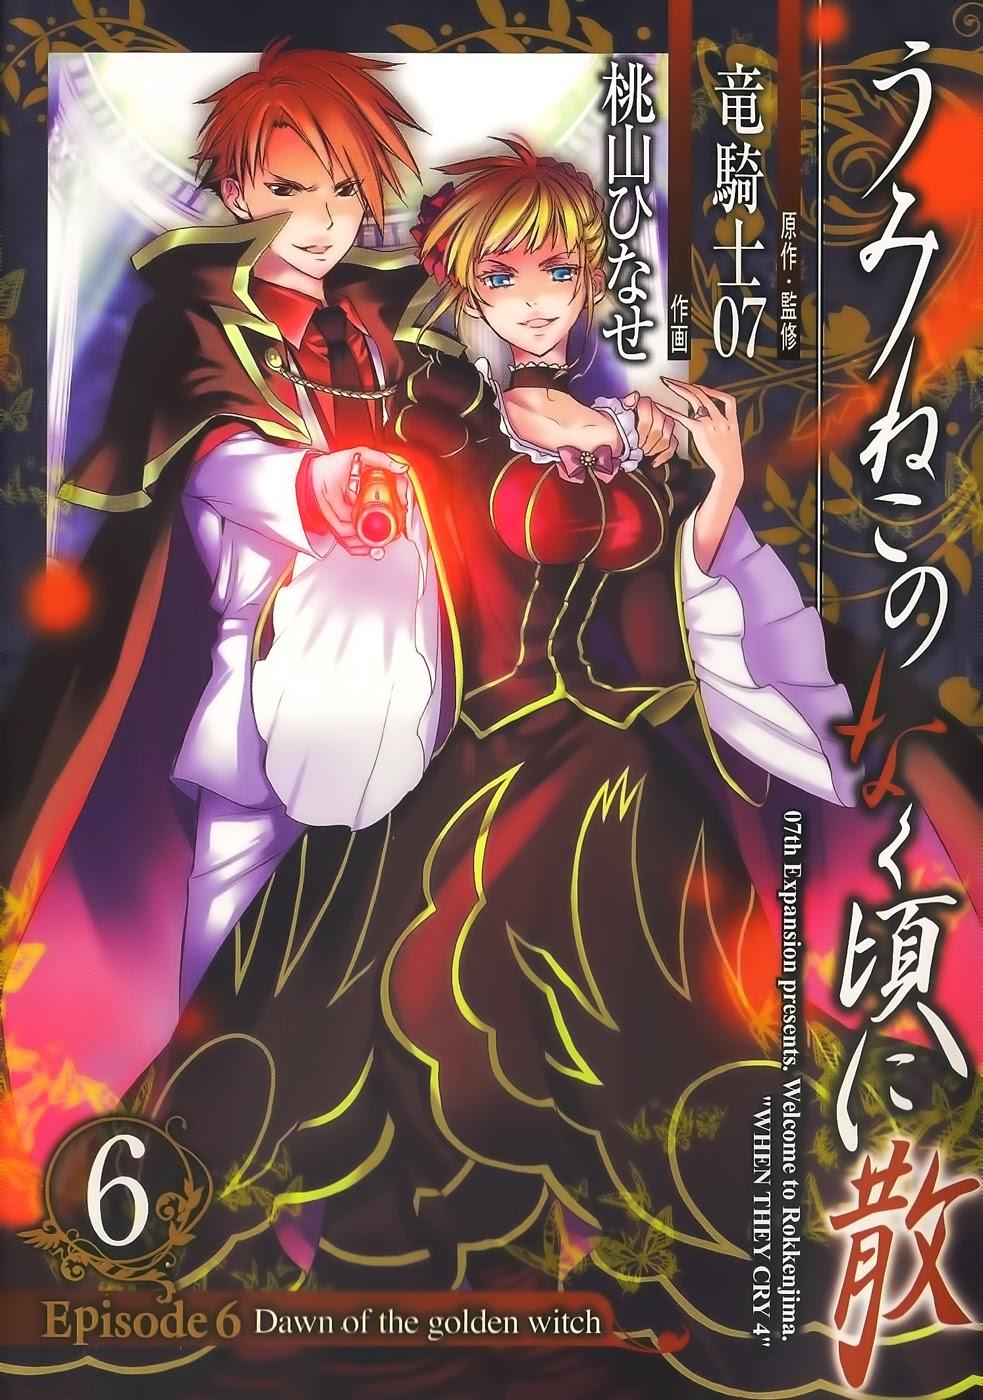 JAPAN Umineko no Naku Koro ni 1 Manga Complete Set